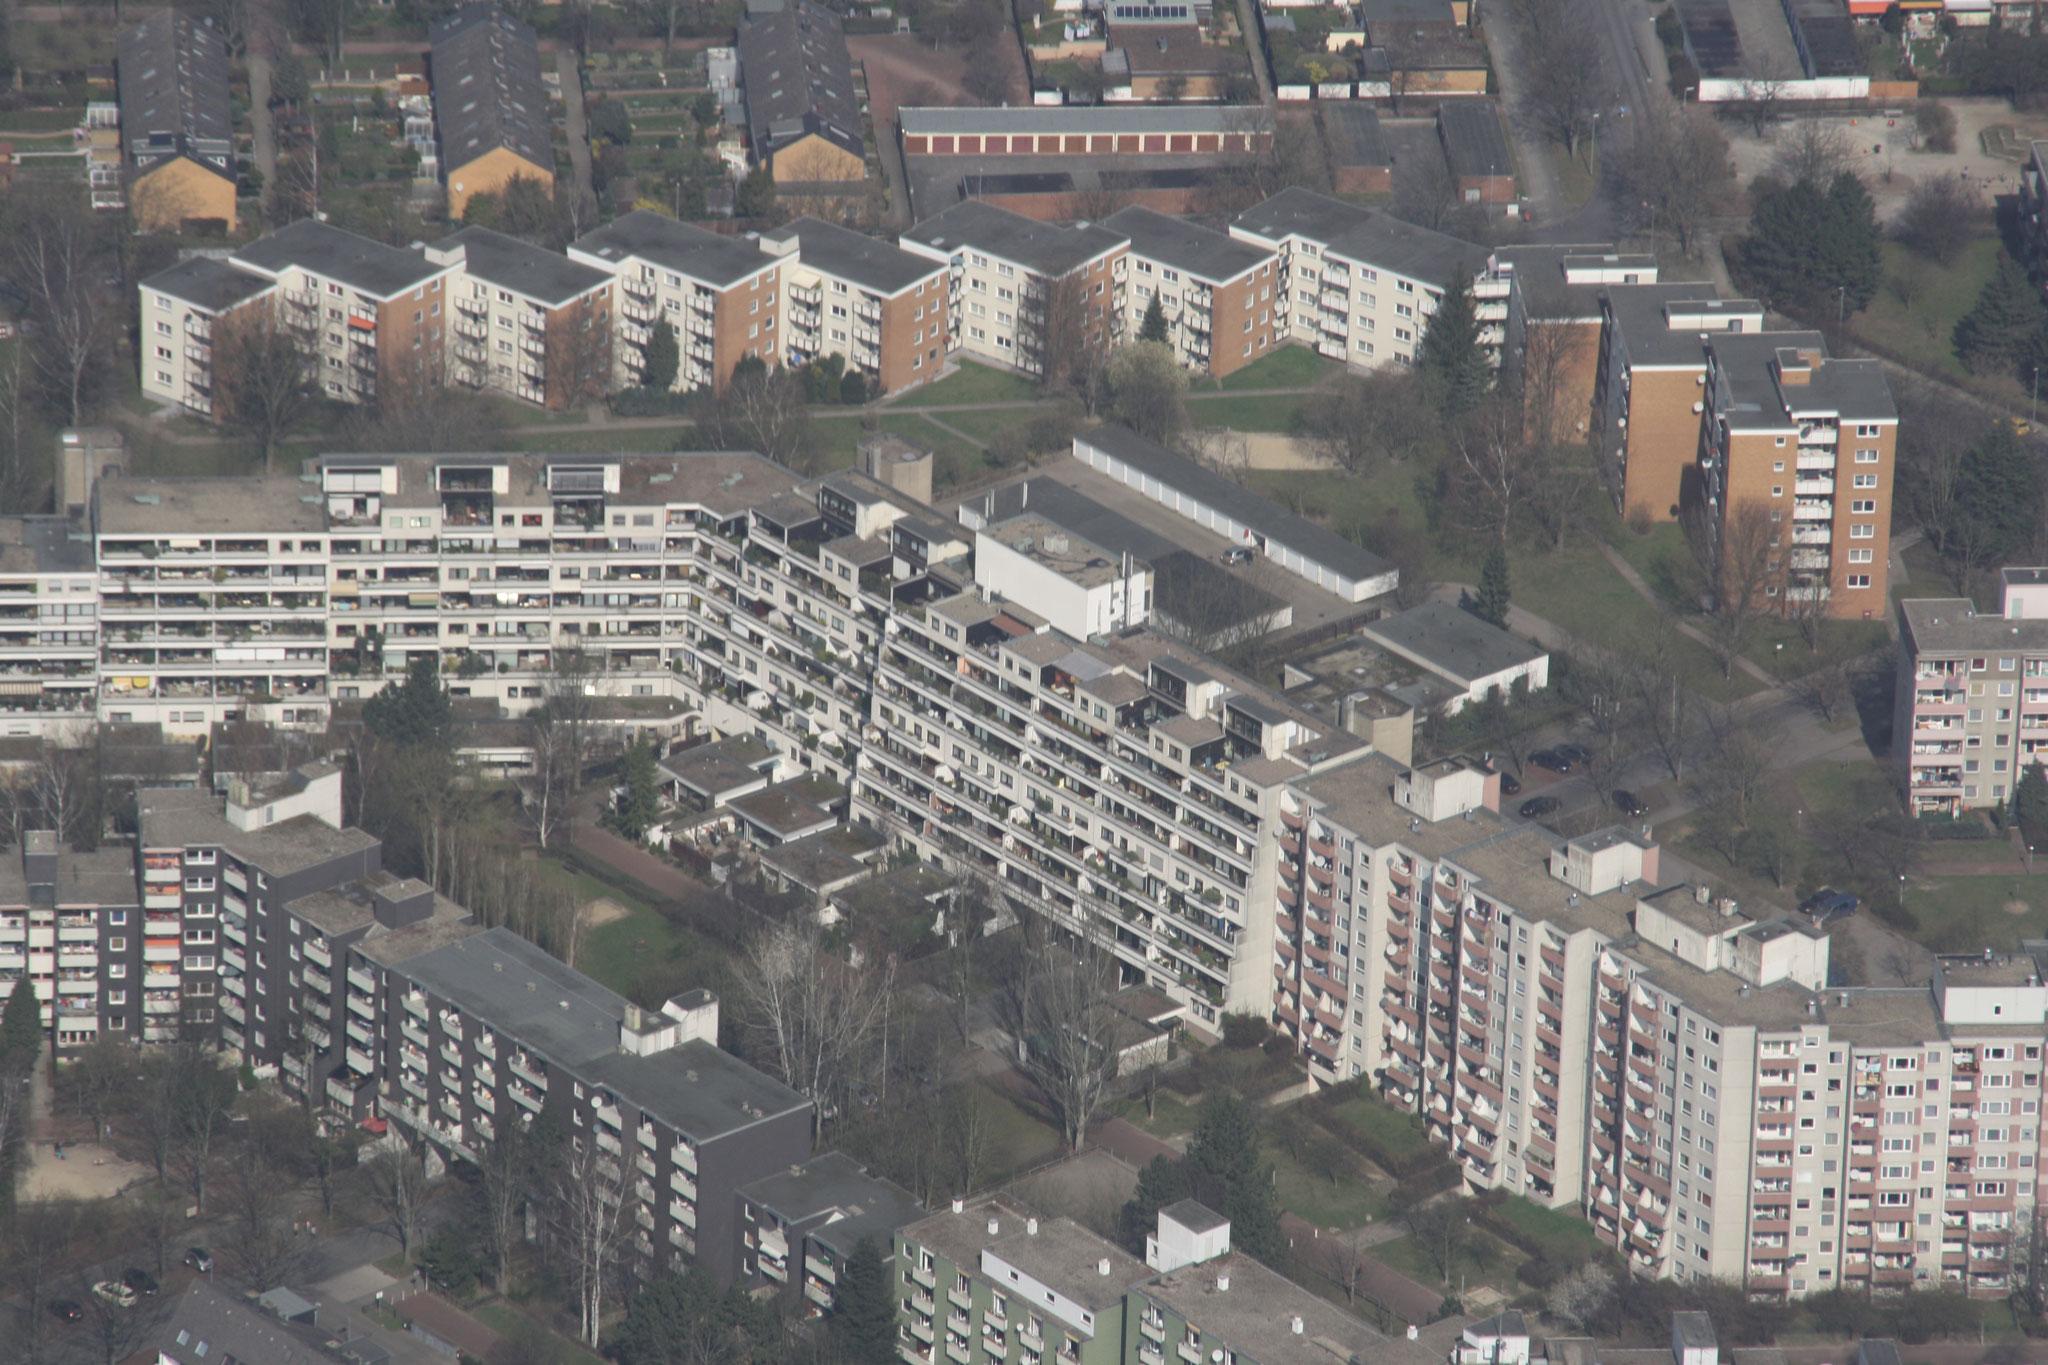 Luftaufnahme 2012 ©J. Kluge